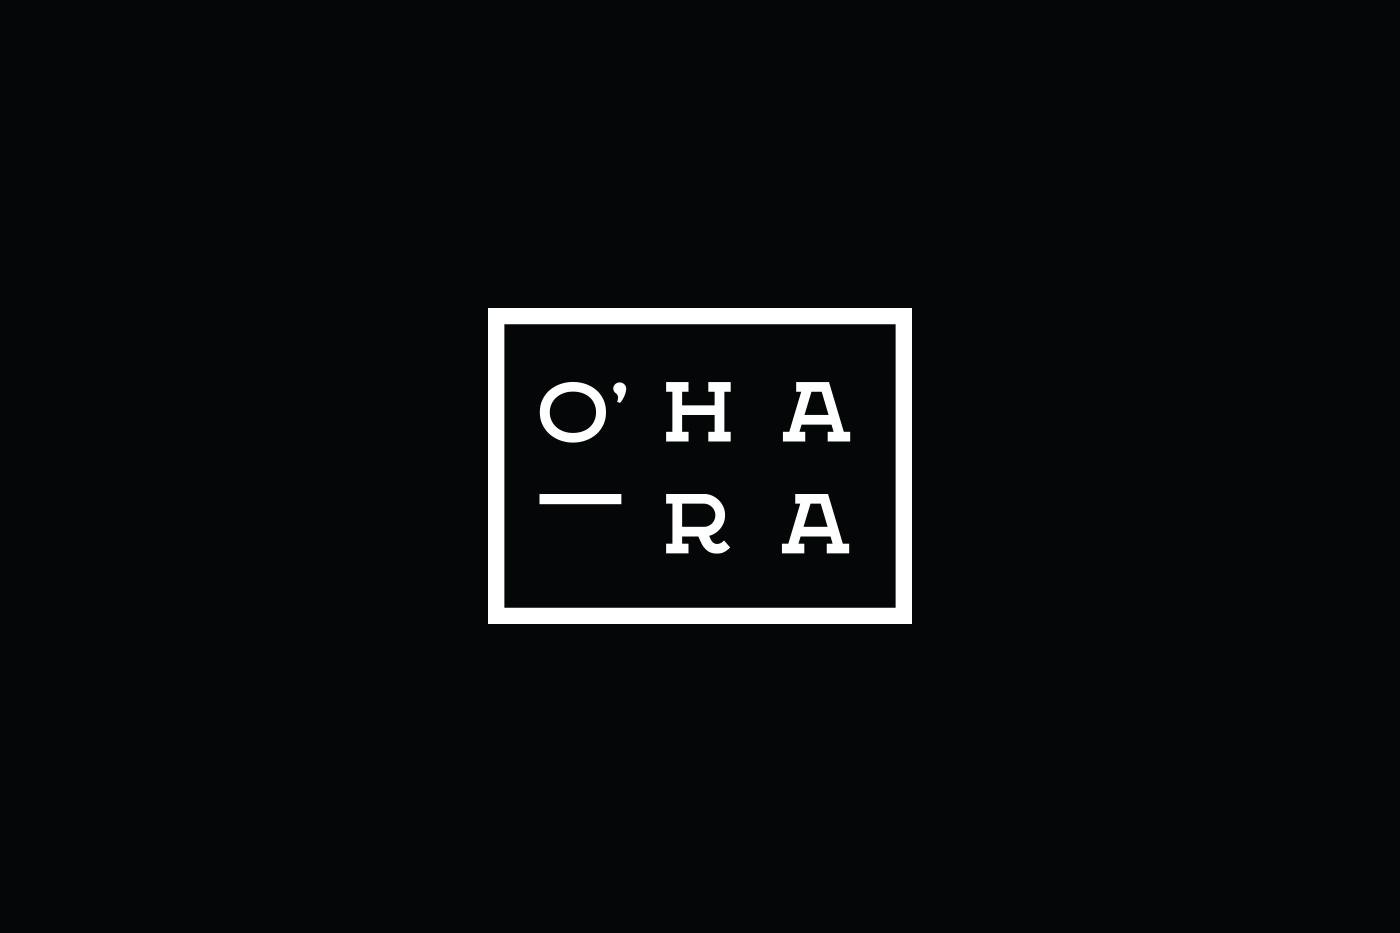 ohara_1